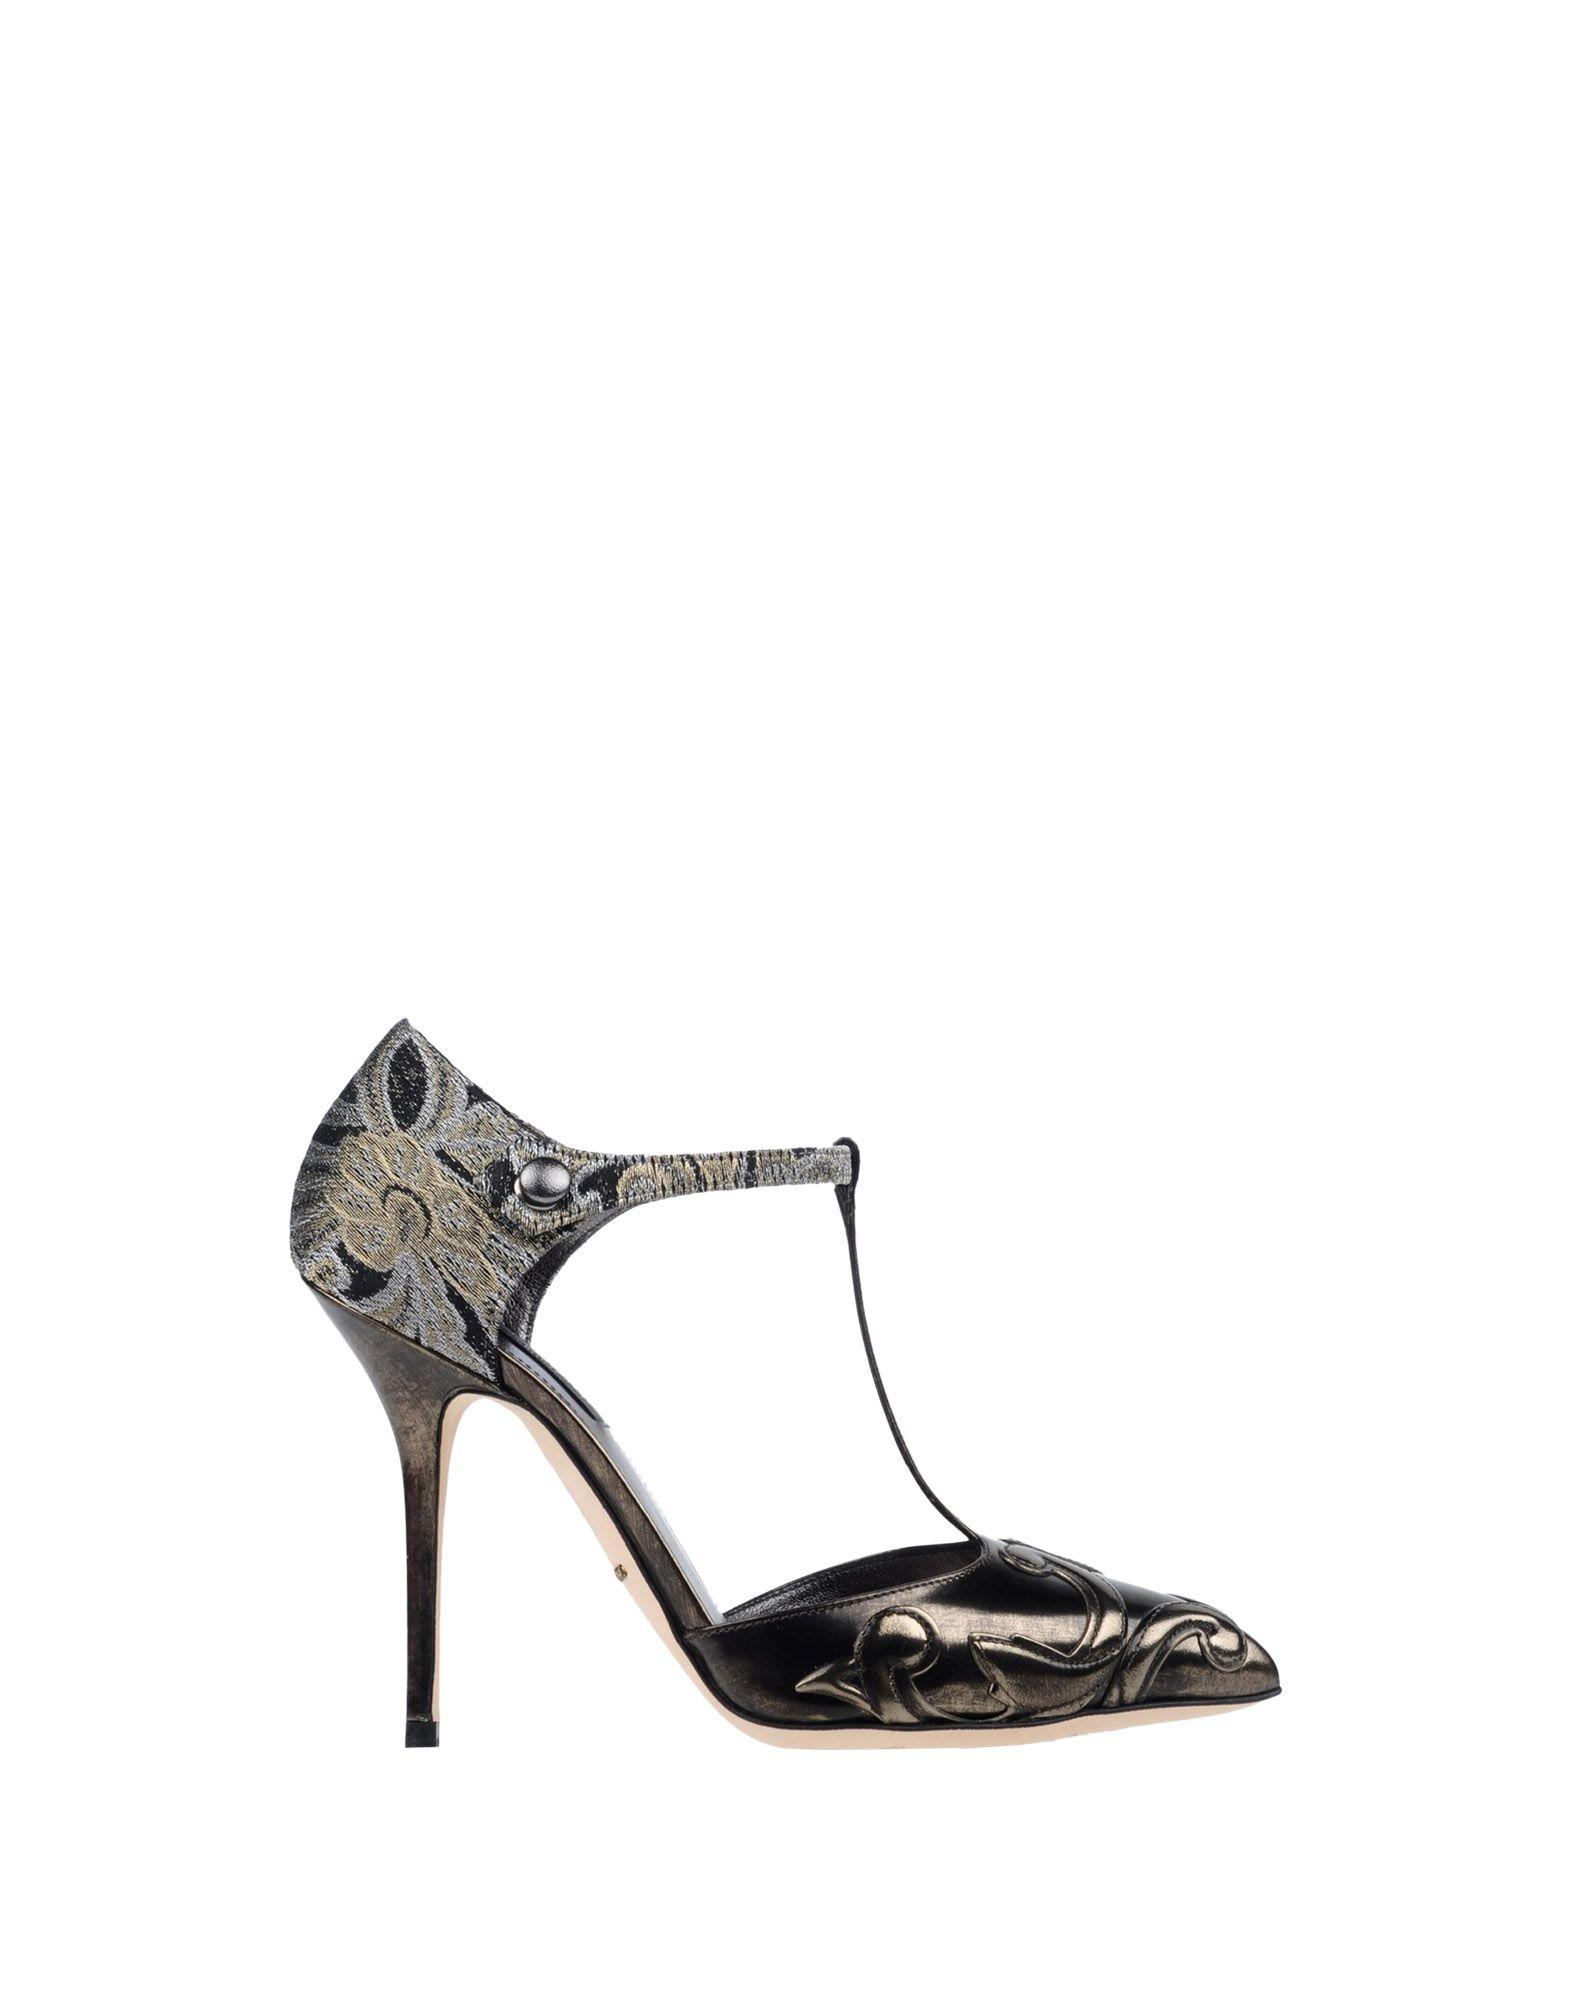 Dolce & Gabbana Pumps Damen lohnt Gutes Preis-Leistungs-Verhältnis, es lohnt Damen sich c0dec0